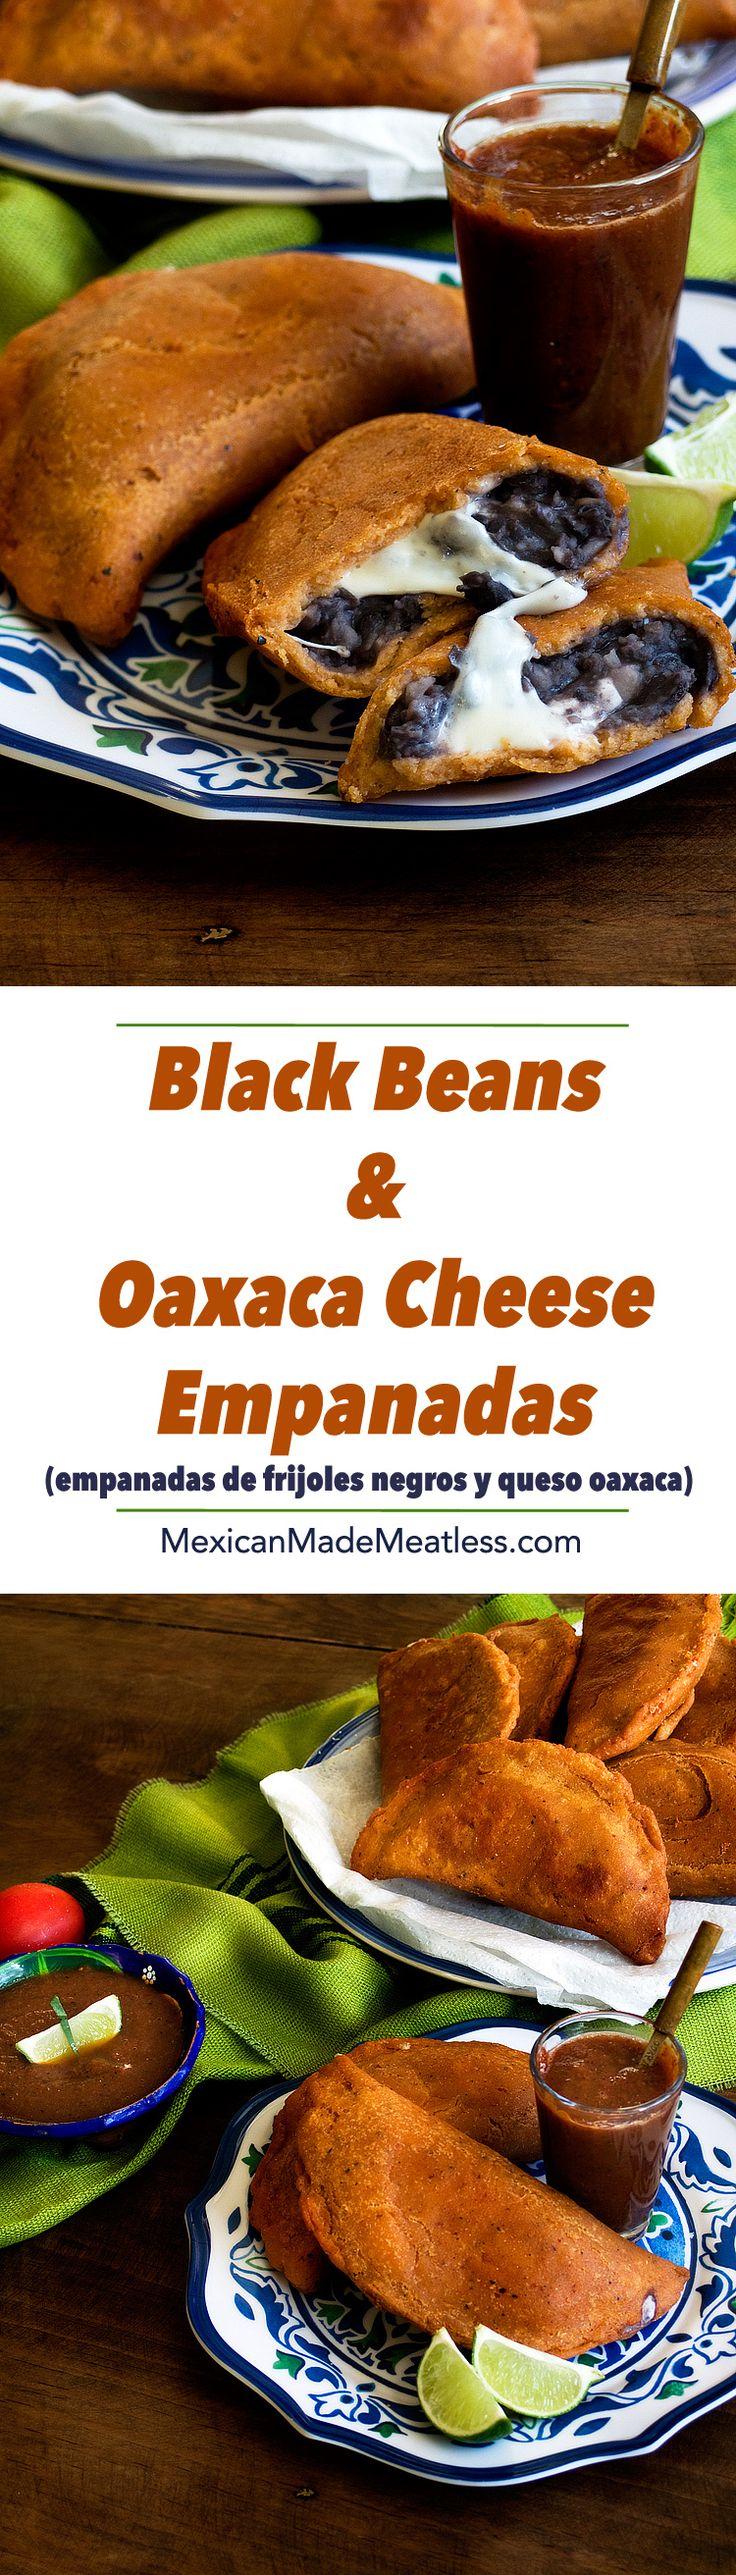 Black Bean and Oaxaca Cheese Empanadas   empanadas de frijoles negros y queso oaxaca